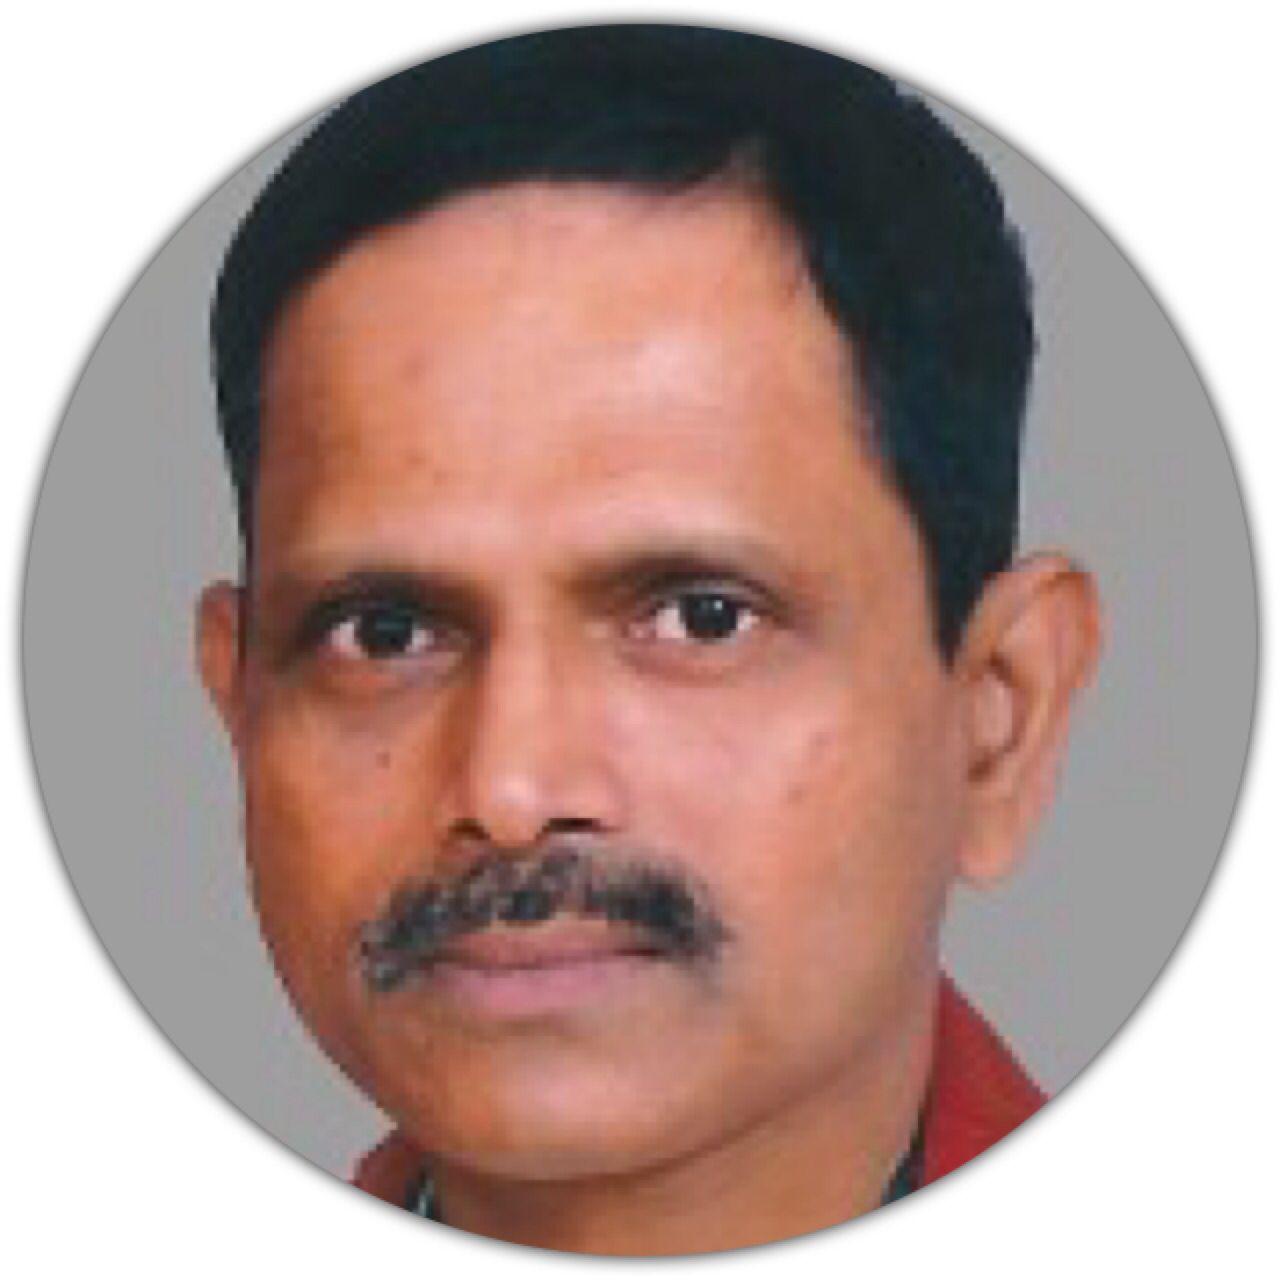 திரு. ஐயாத்துரை கணேசமூர்த்தி